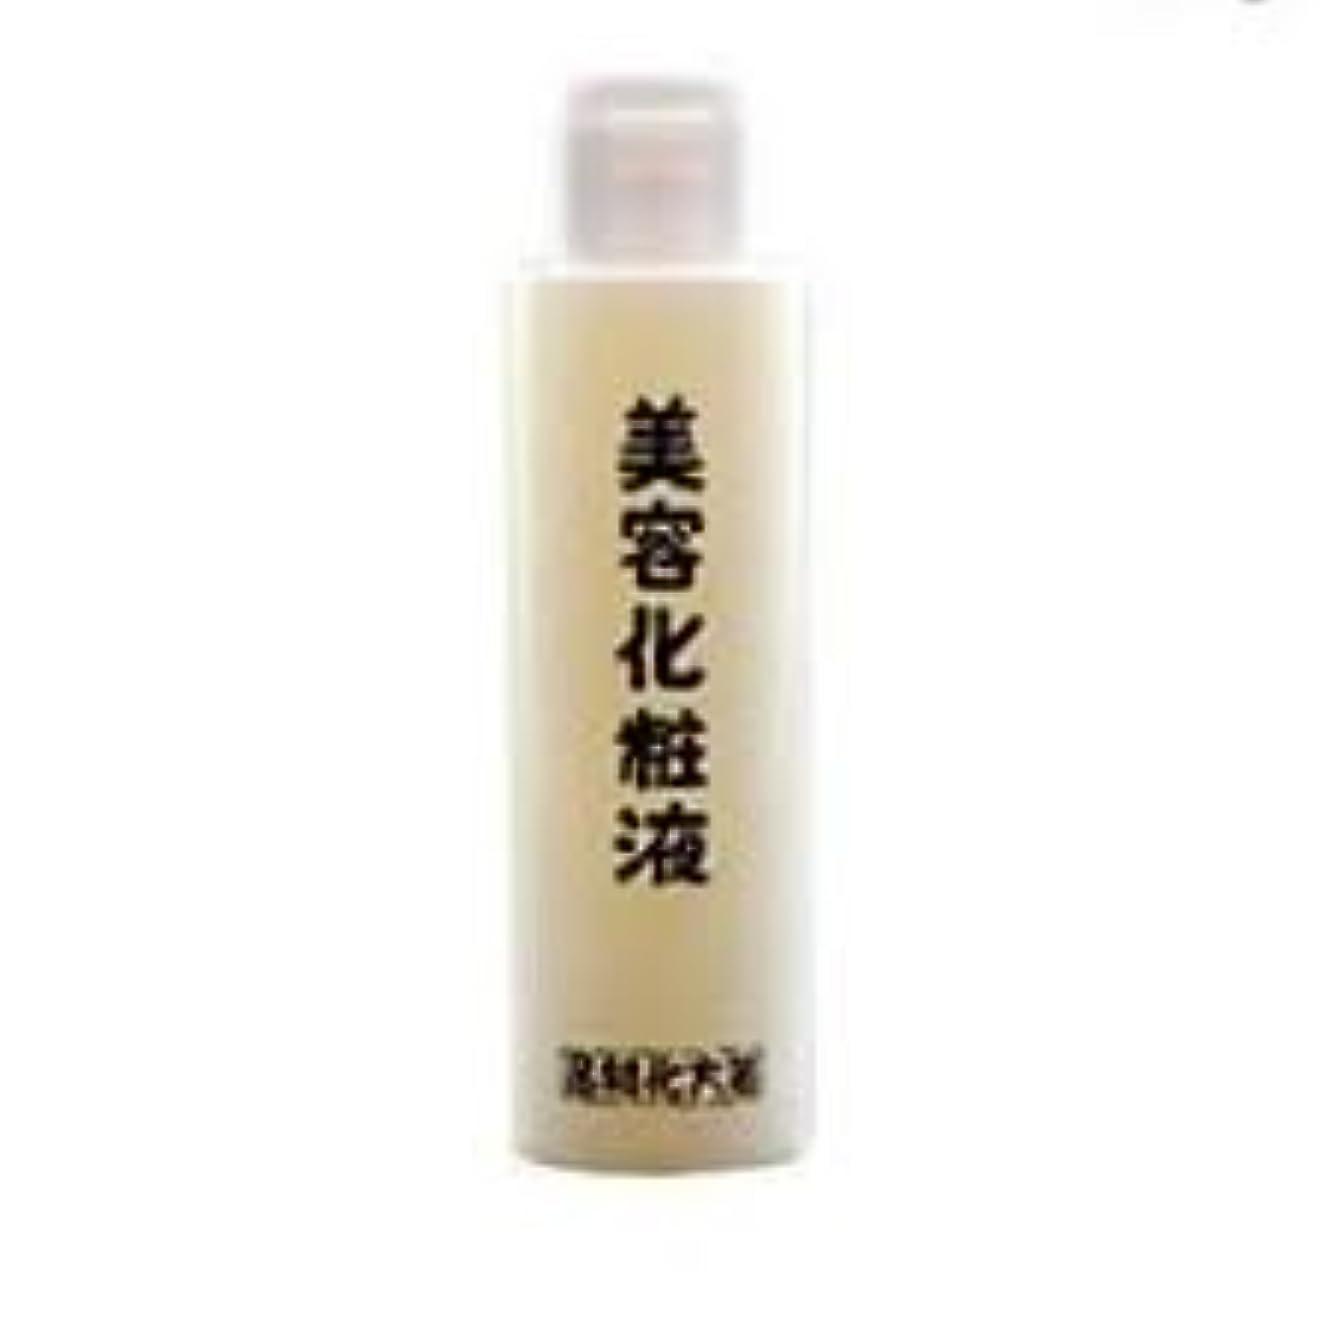 同性愛者外観クラブ箸方化粧品 美容化粧液 化粧水 120ml はしかた化粧品